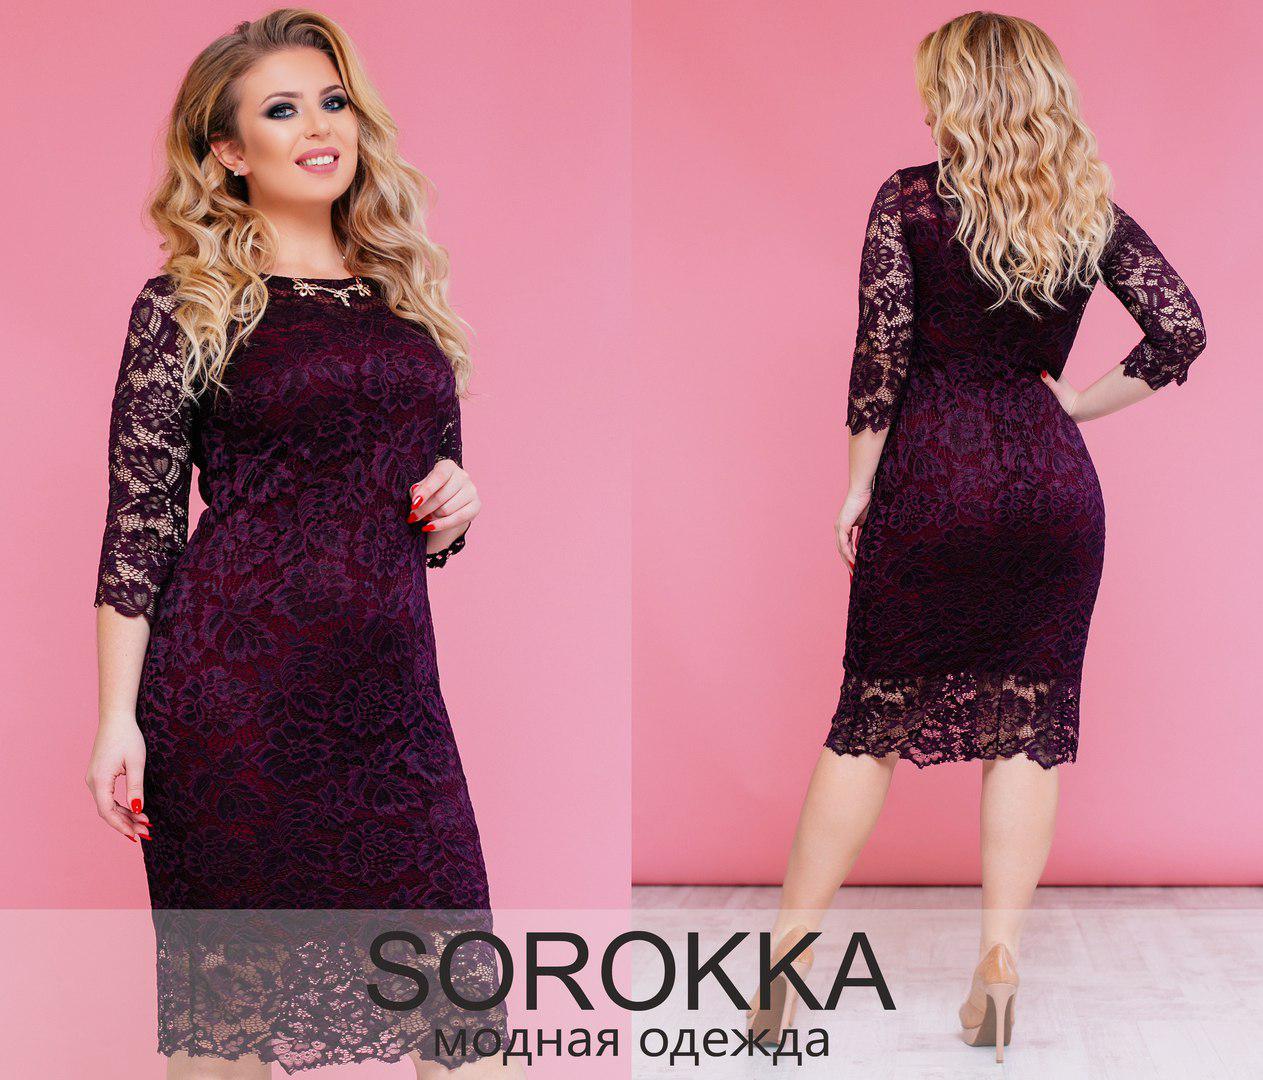 Кружевное платье больших размеров 50+ с подкладкой, украшено пришивным украшением  / 4 цвета арт 4137-178